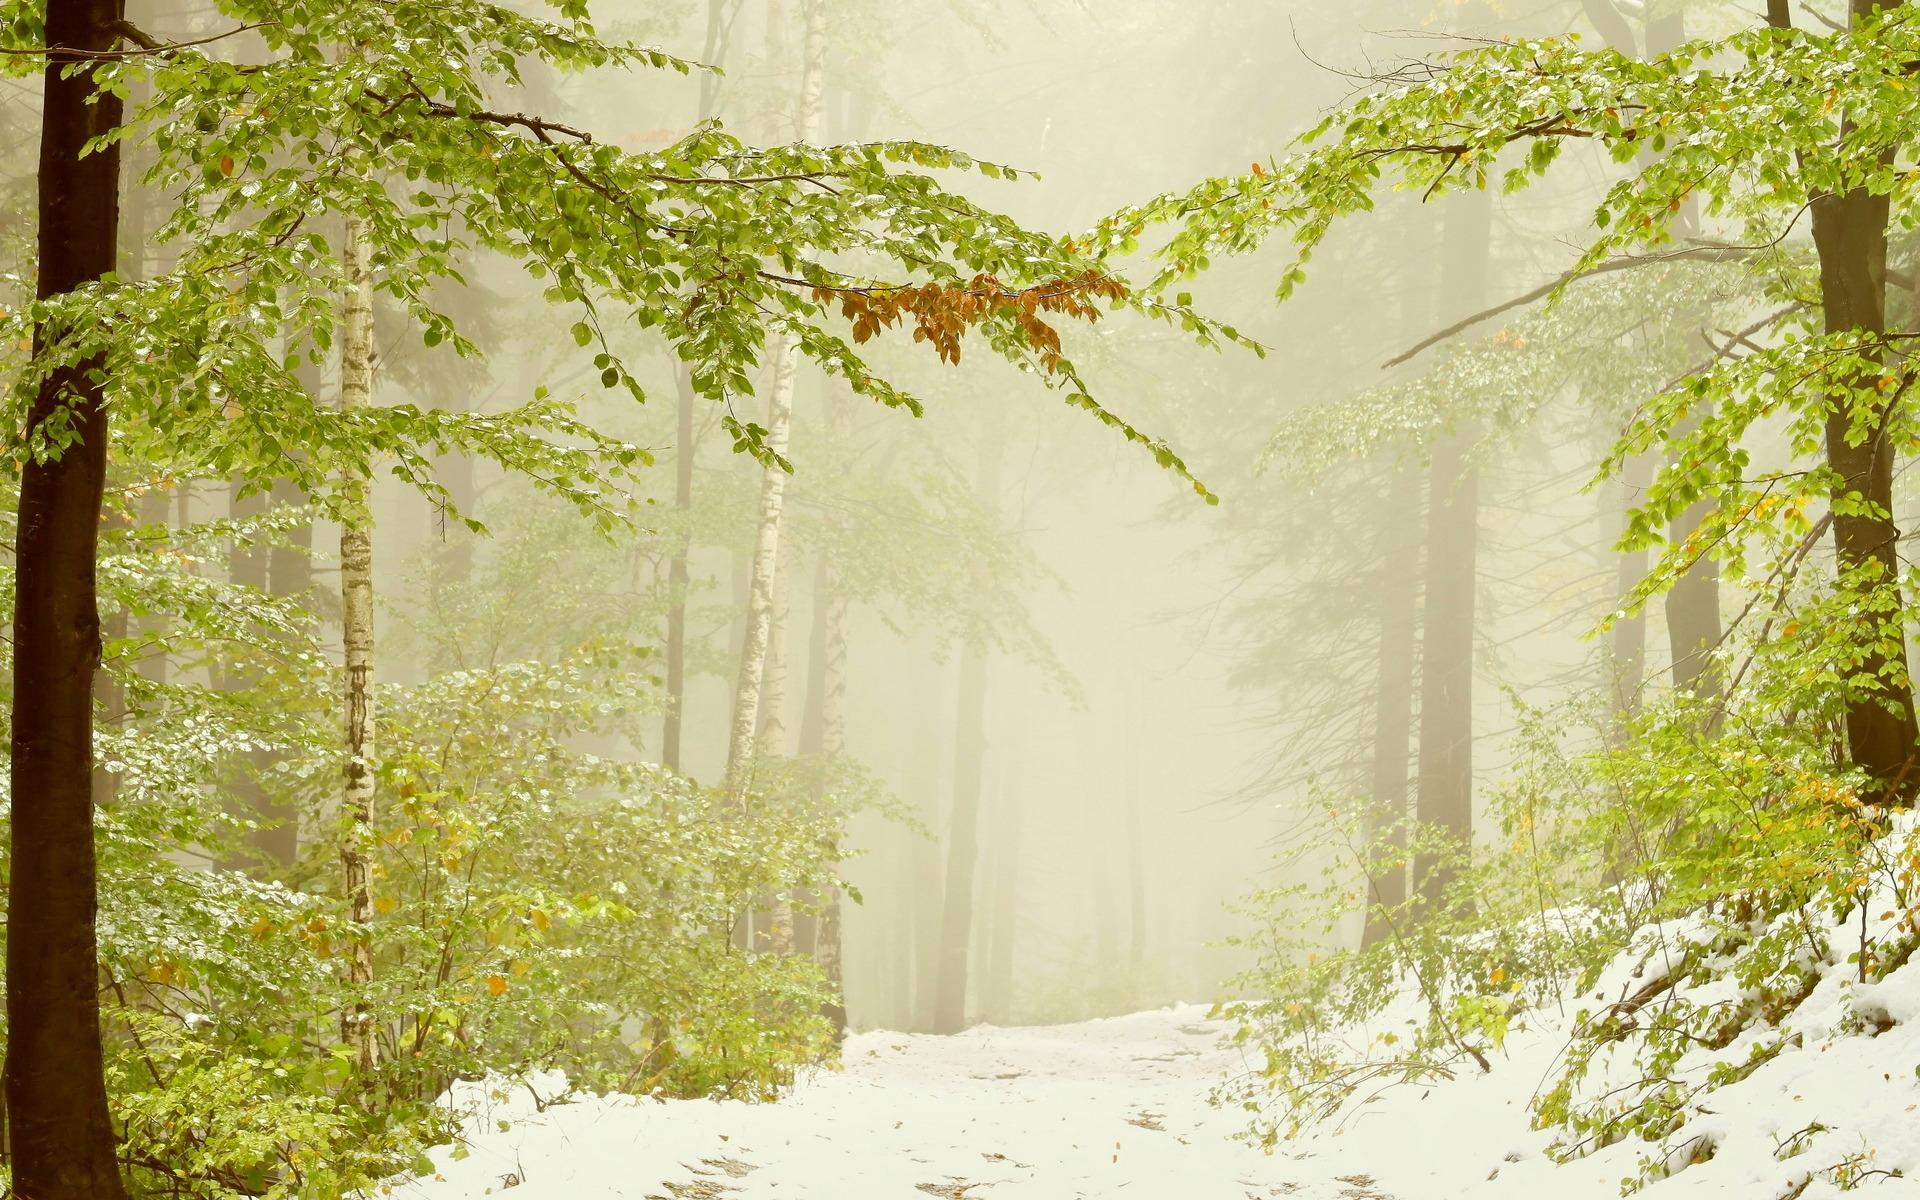 быстро, так, фотообои утро в весеннем лесу время